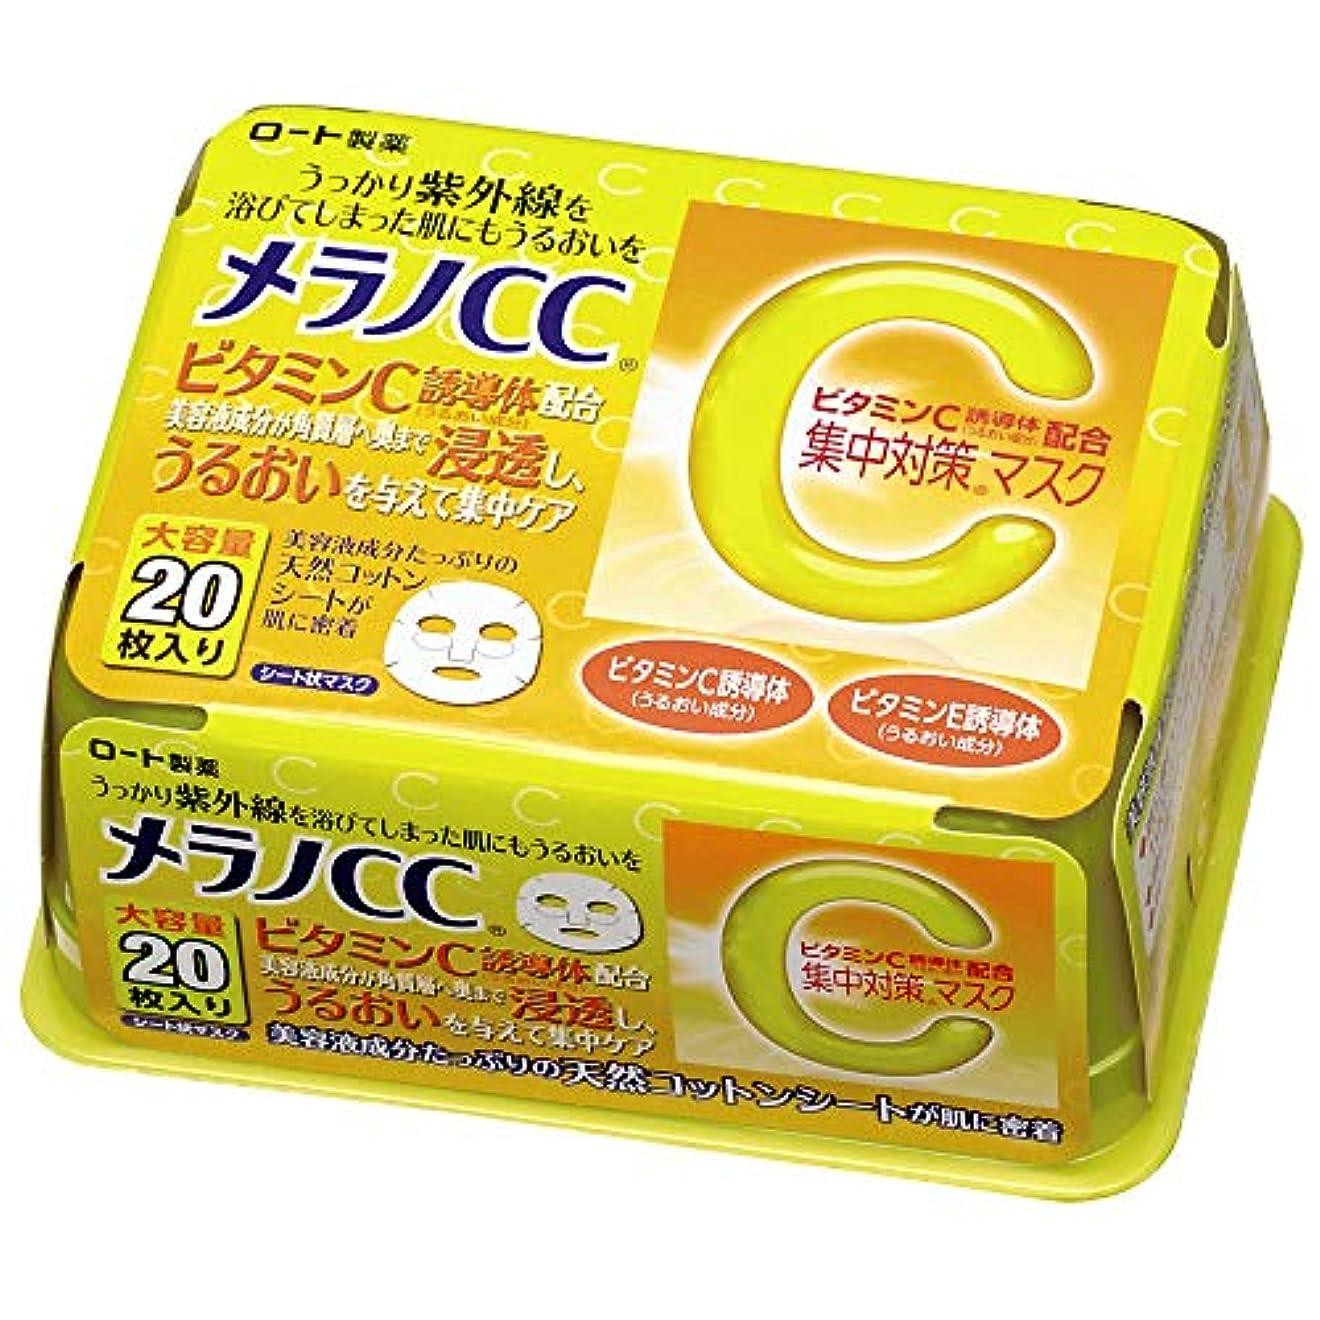 バースト瞑想的首尾一貫したメラノCC ビタミンC配合 紫外線集中対策浸透 マスク 20枚 195mL